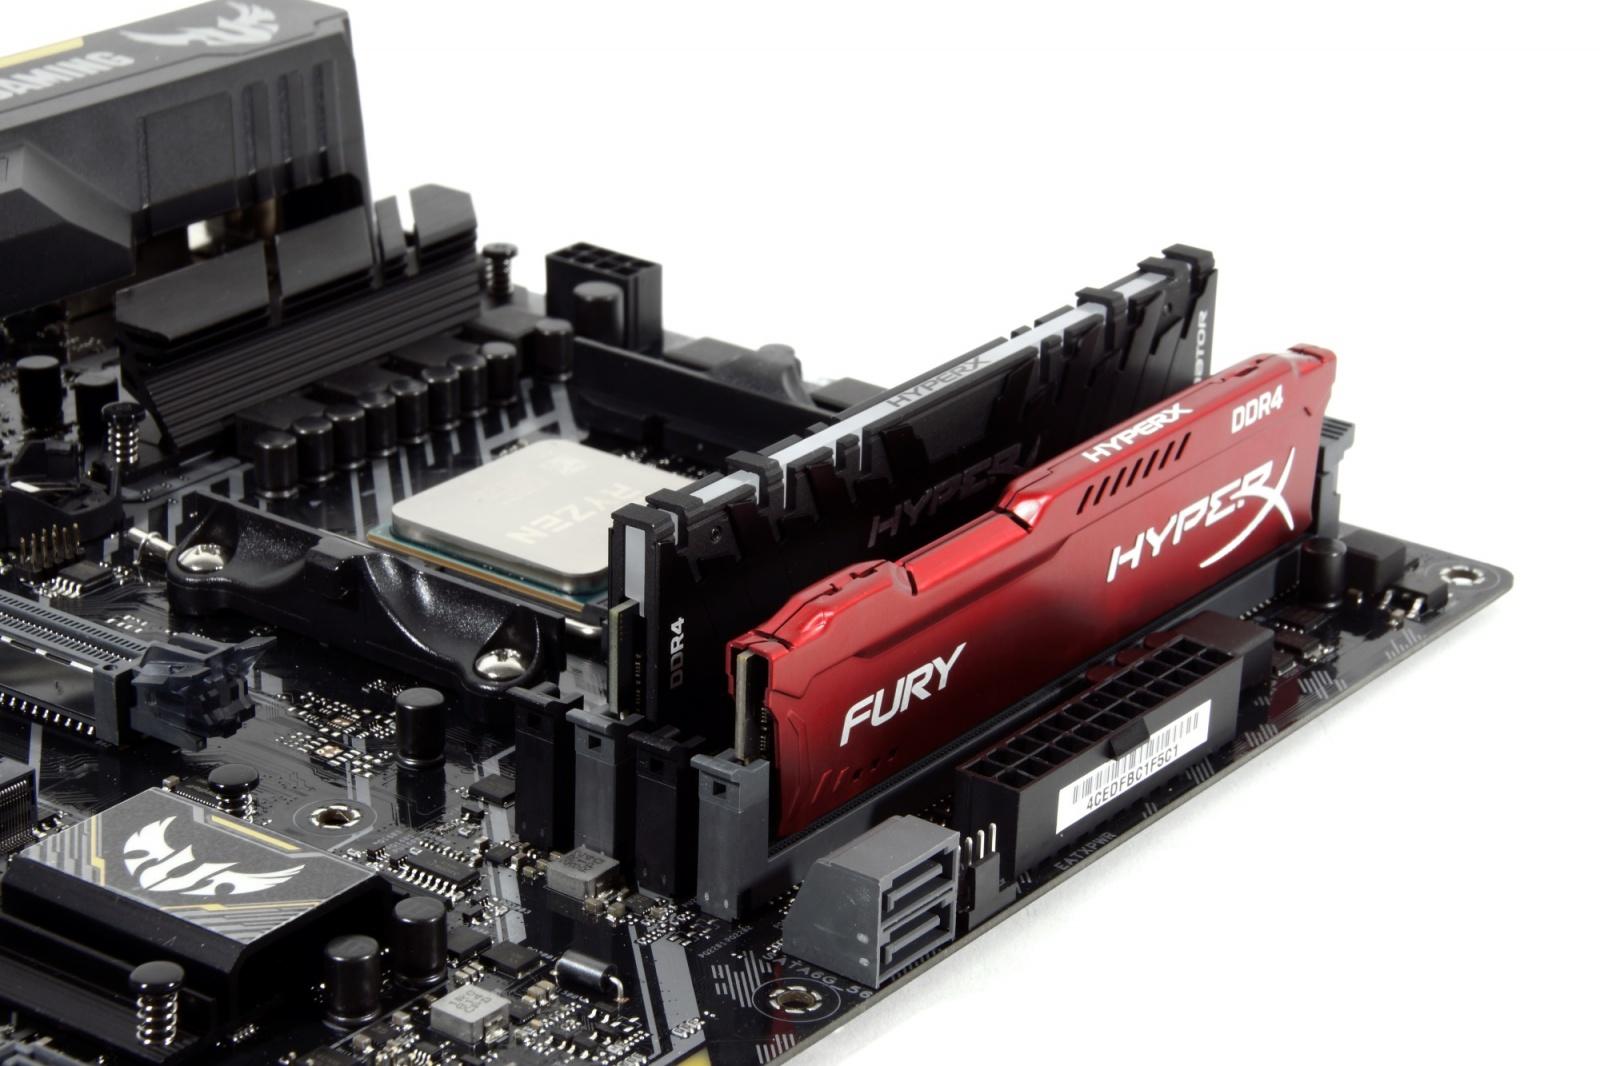 Скупой не платит дважды – настраиваем память на платформе AMD B450 и получаем бесплатную производительность - 5